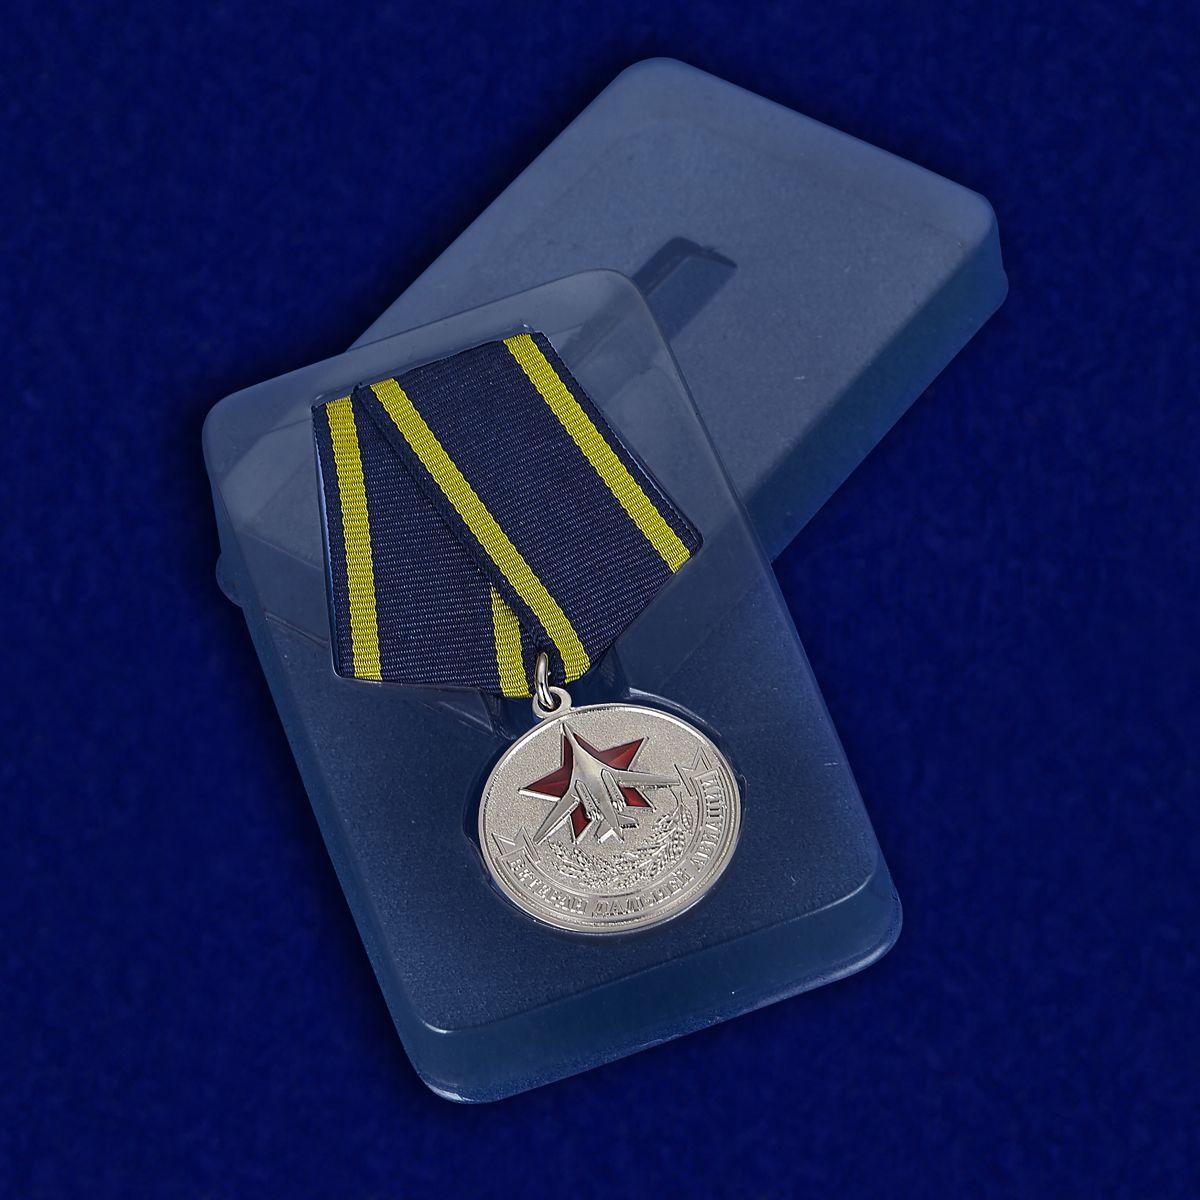 Медаль Дальней авиации для награждения ветеранов с удобной доставкой